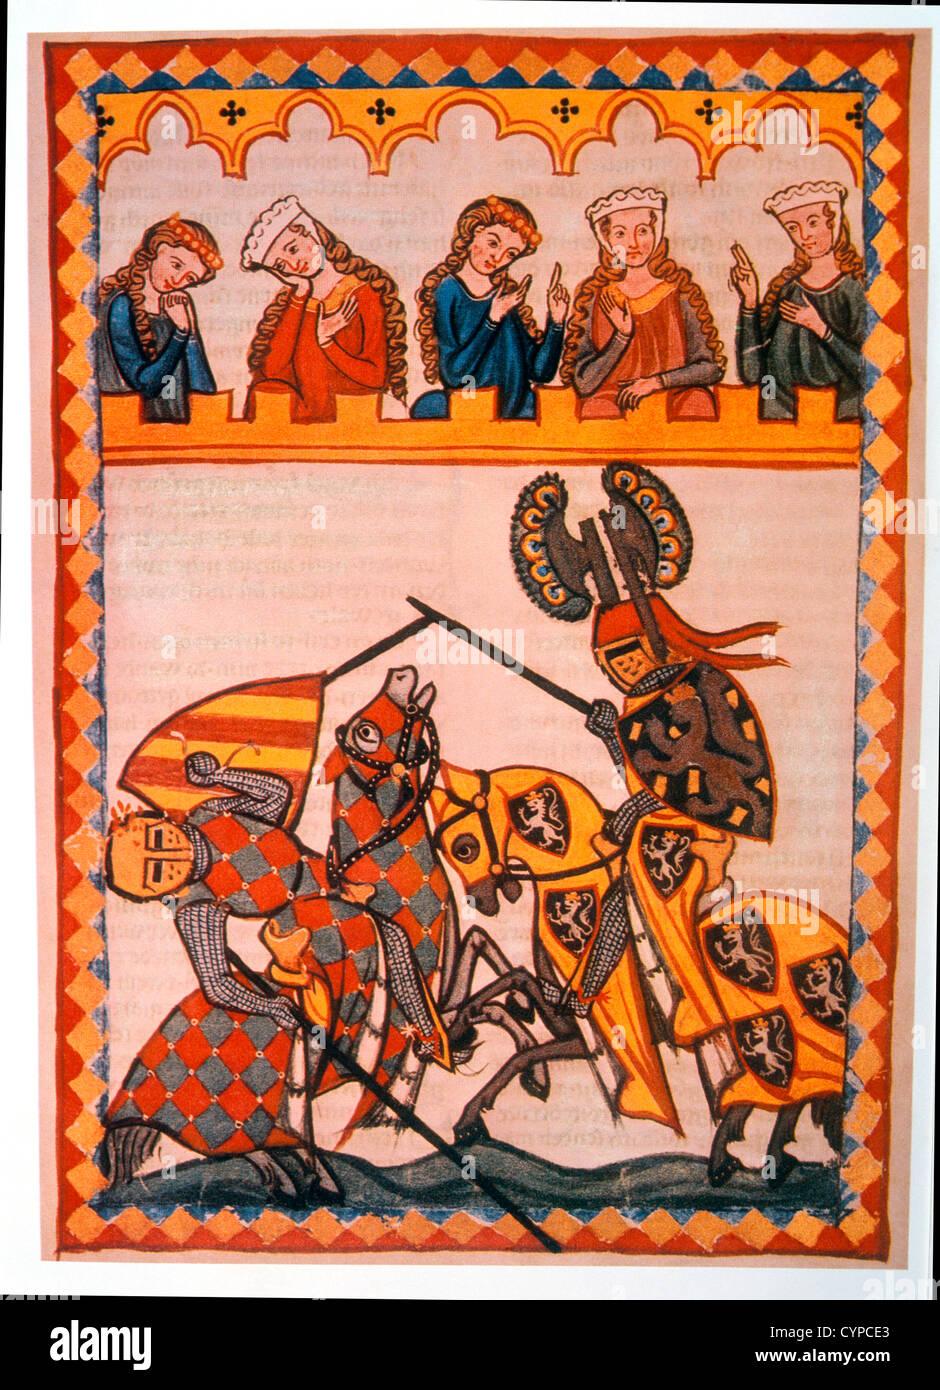 Walter von Klingen sconfigge il suo avversario in un torneo, illustrazione dal Flemish Libro di preghiera, xiv secolo Immagini Stock